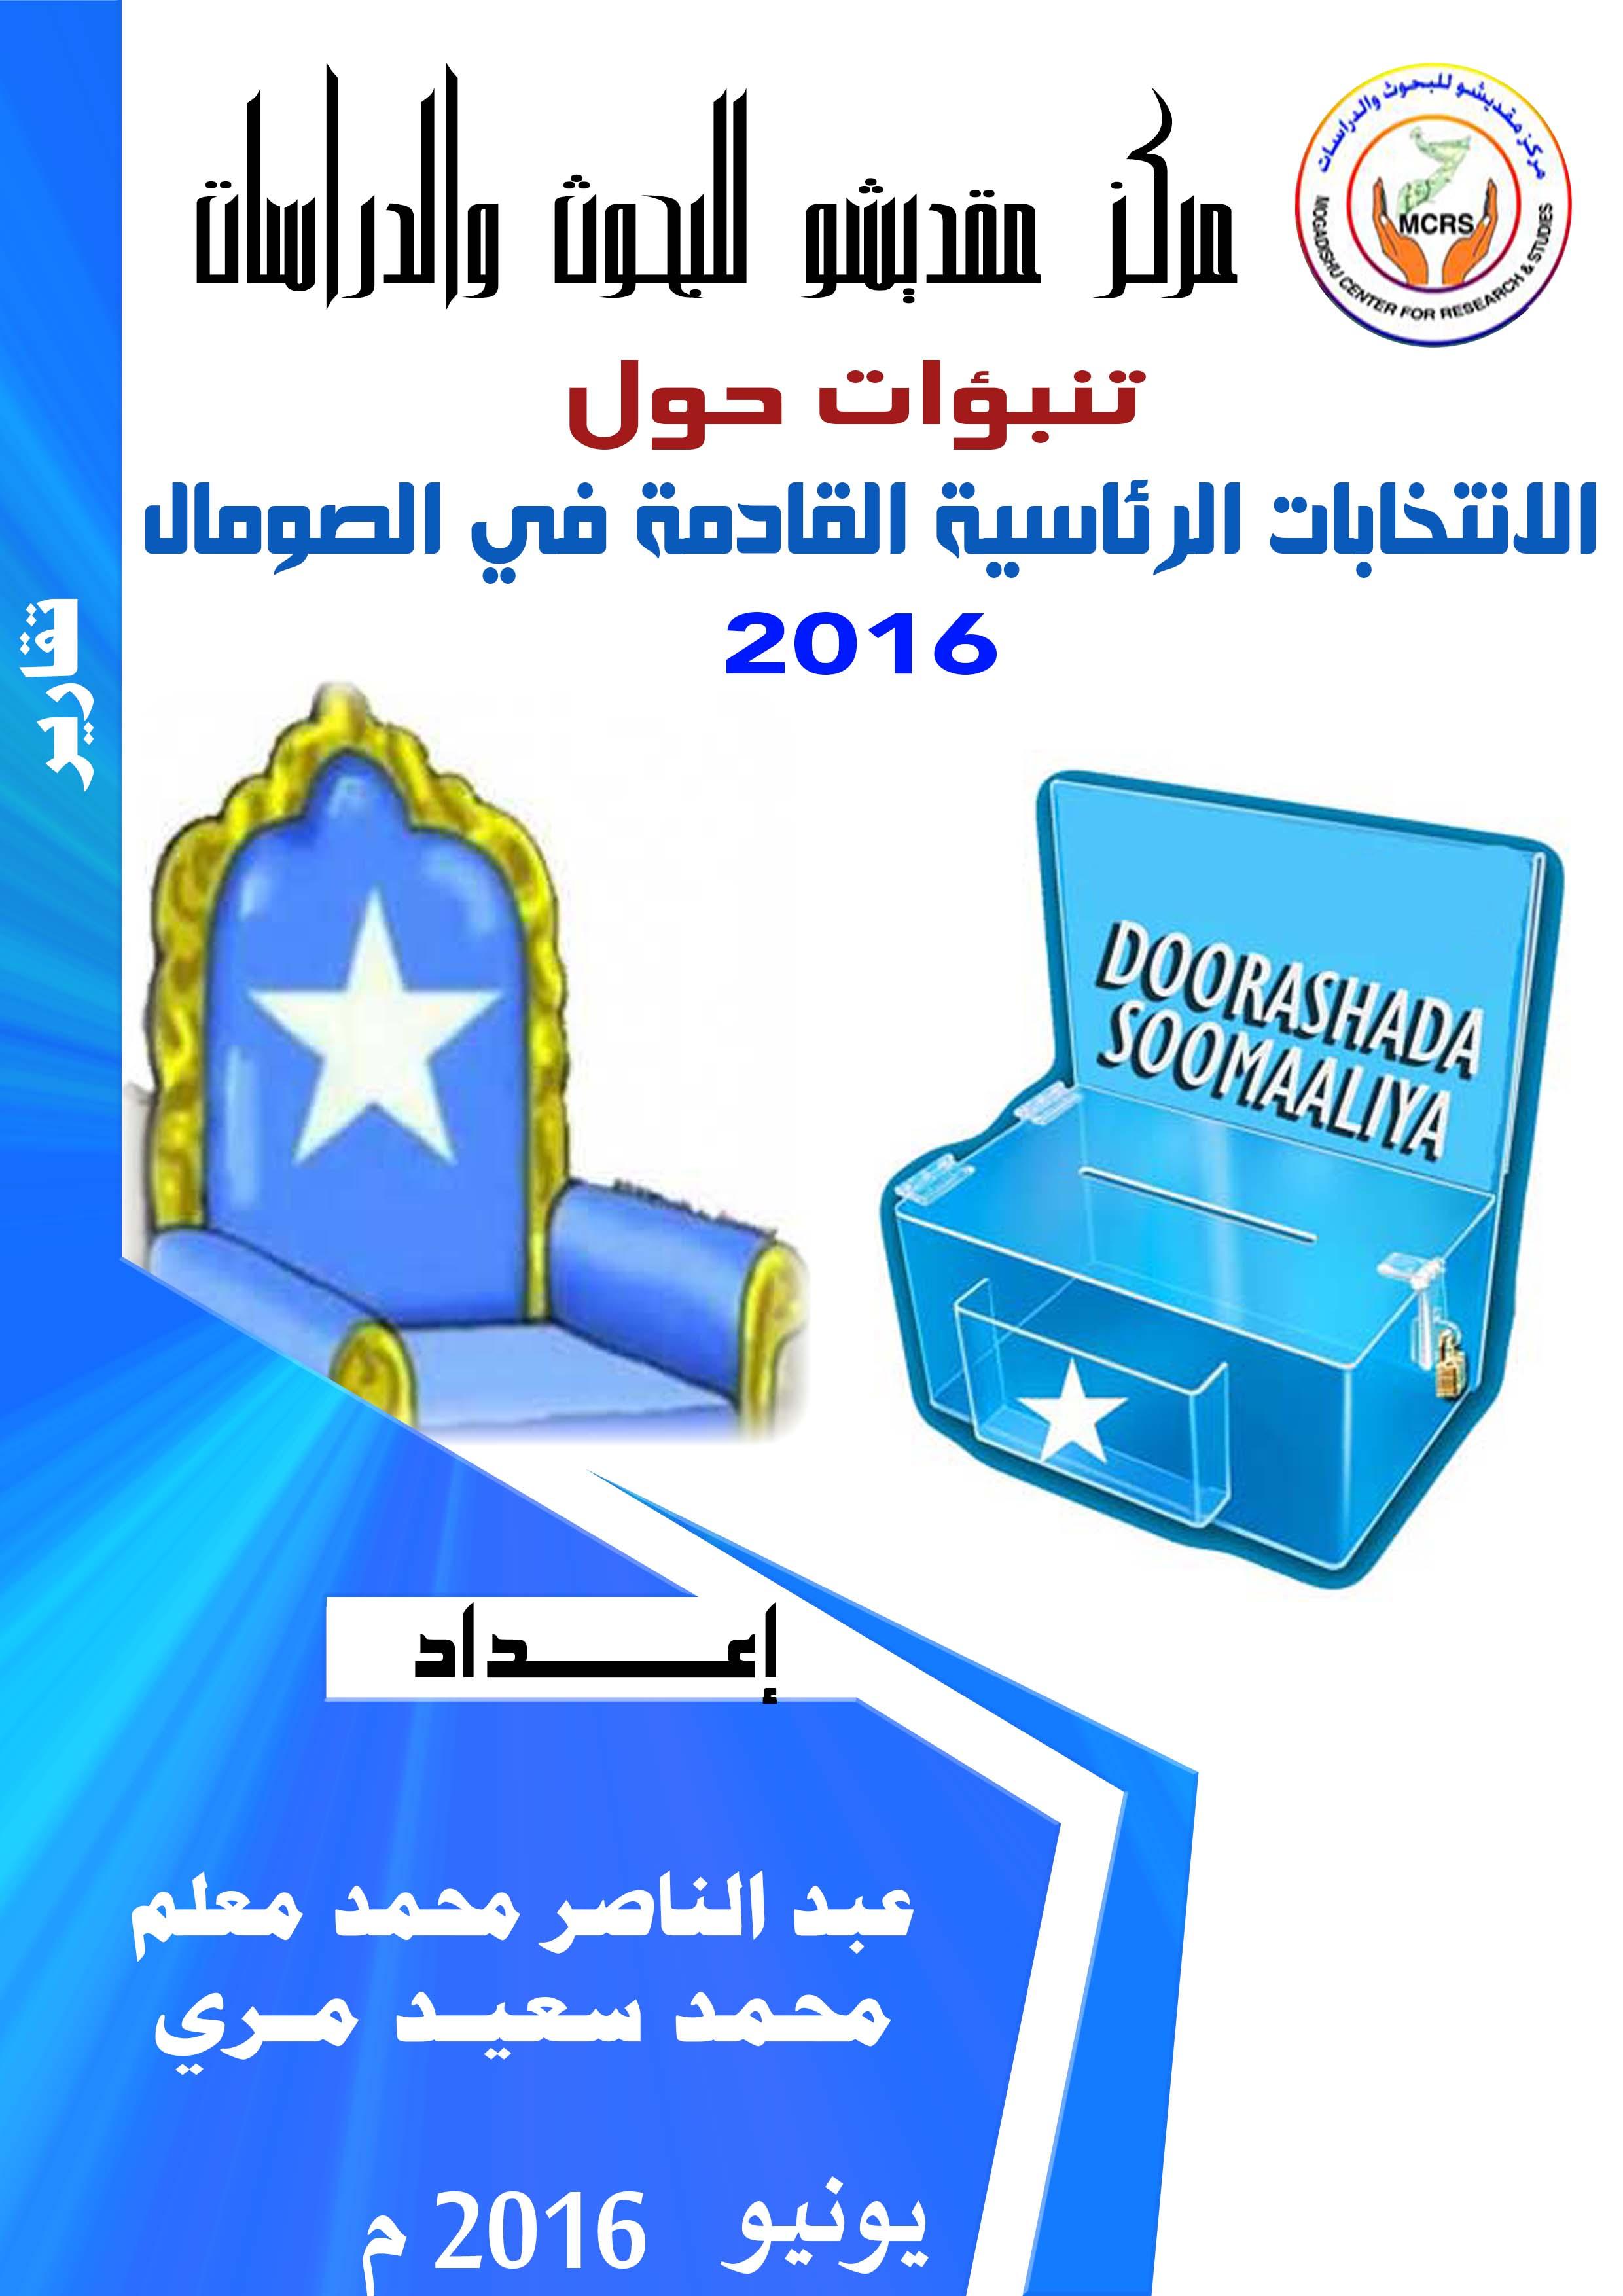 غلاف الانتخابات